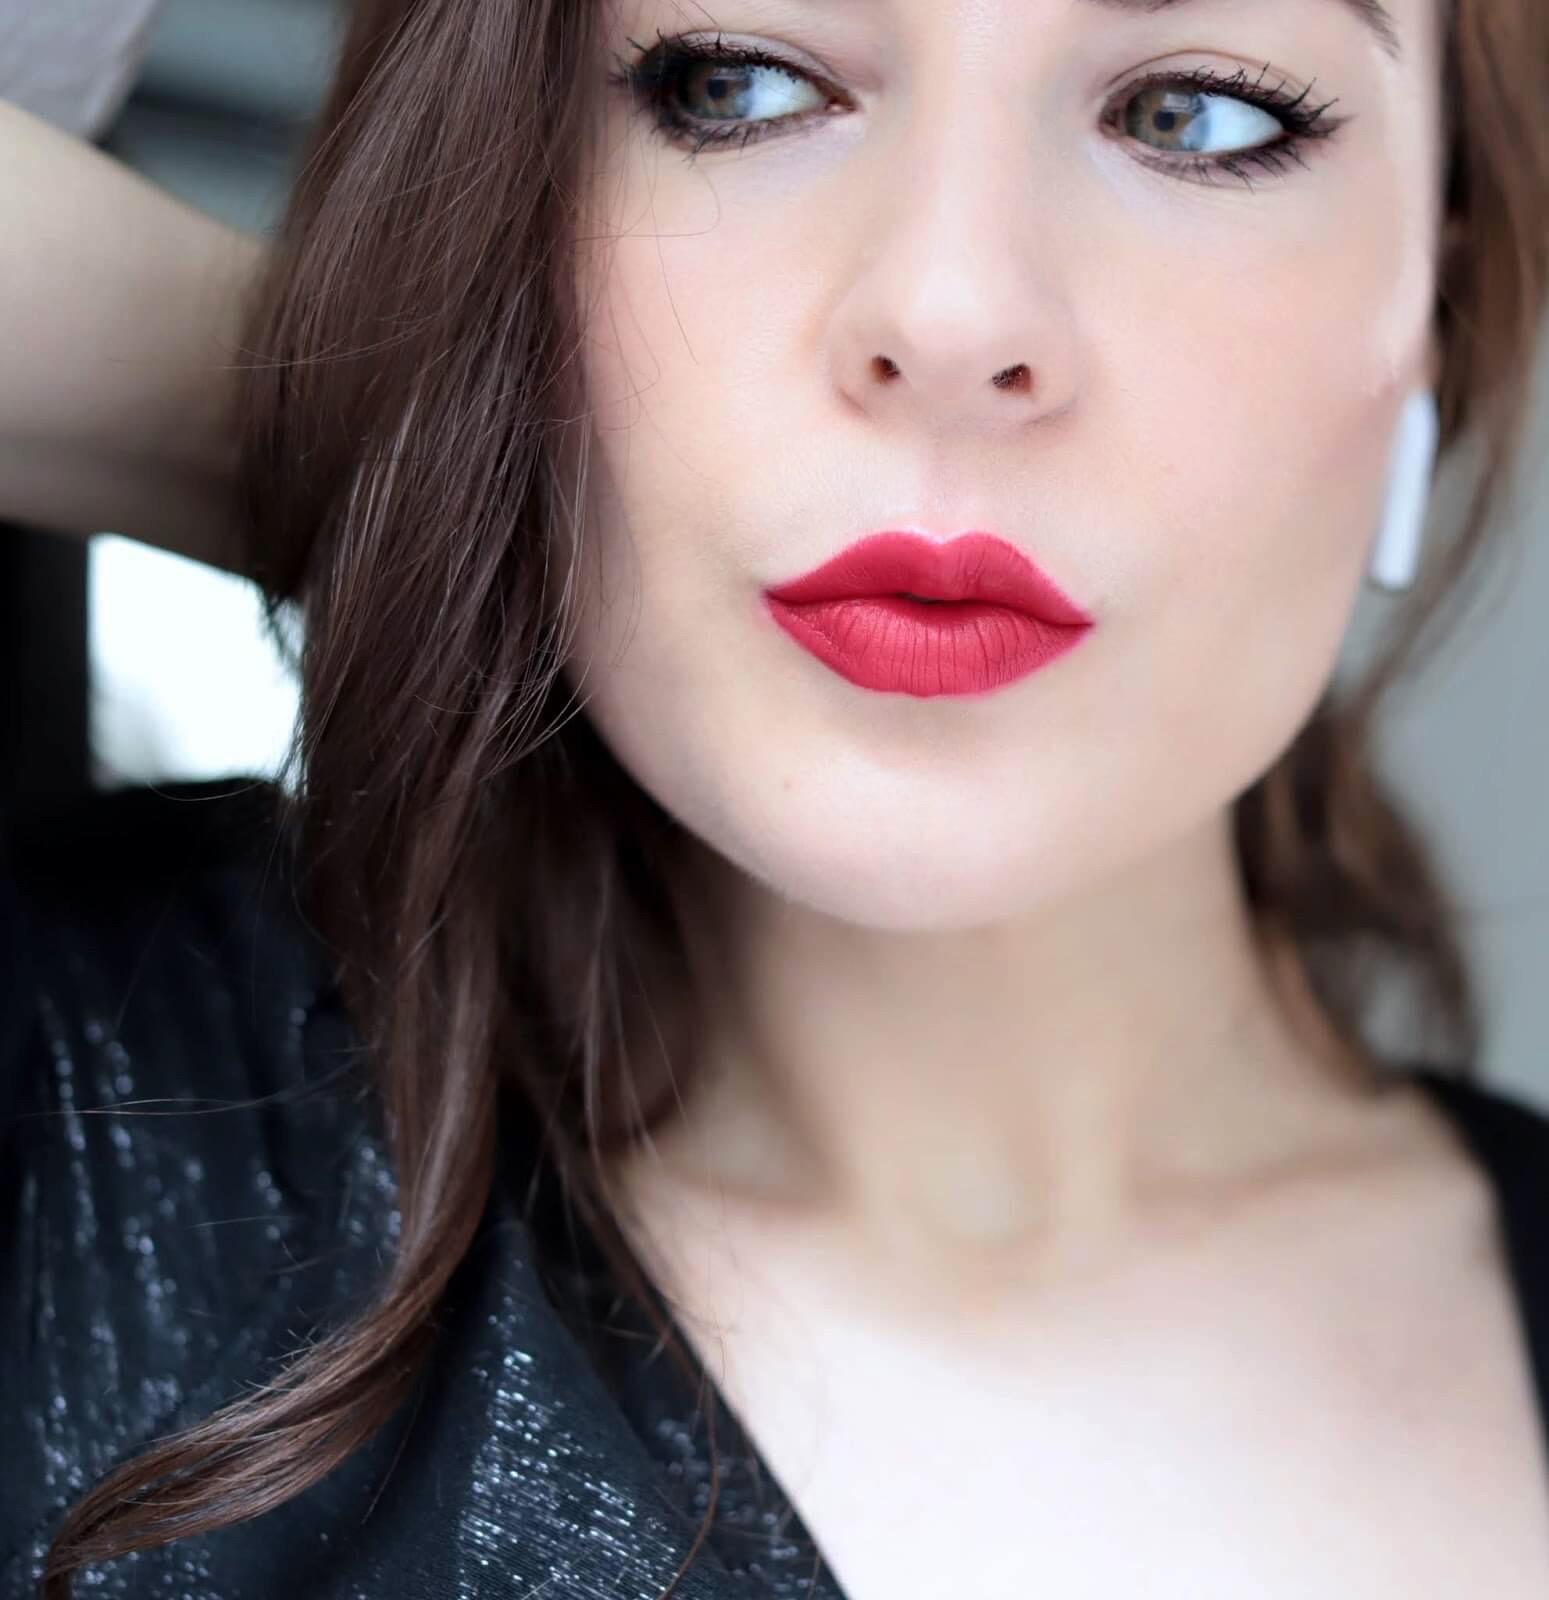 Serge Lutens Fard A Lèvres Allumettes 1 D'estoc et de Taille revue